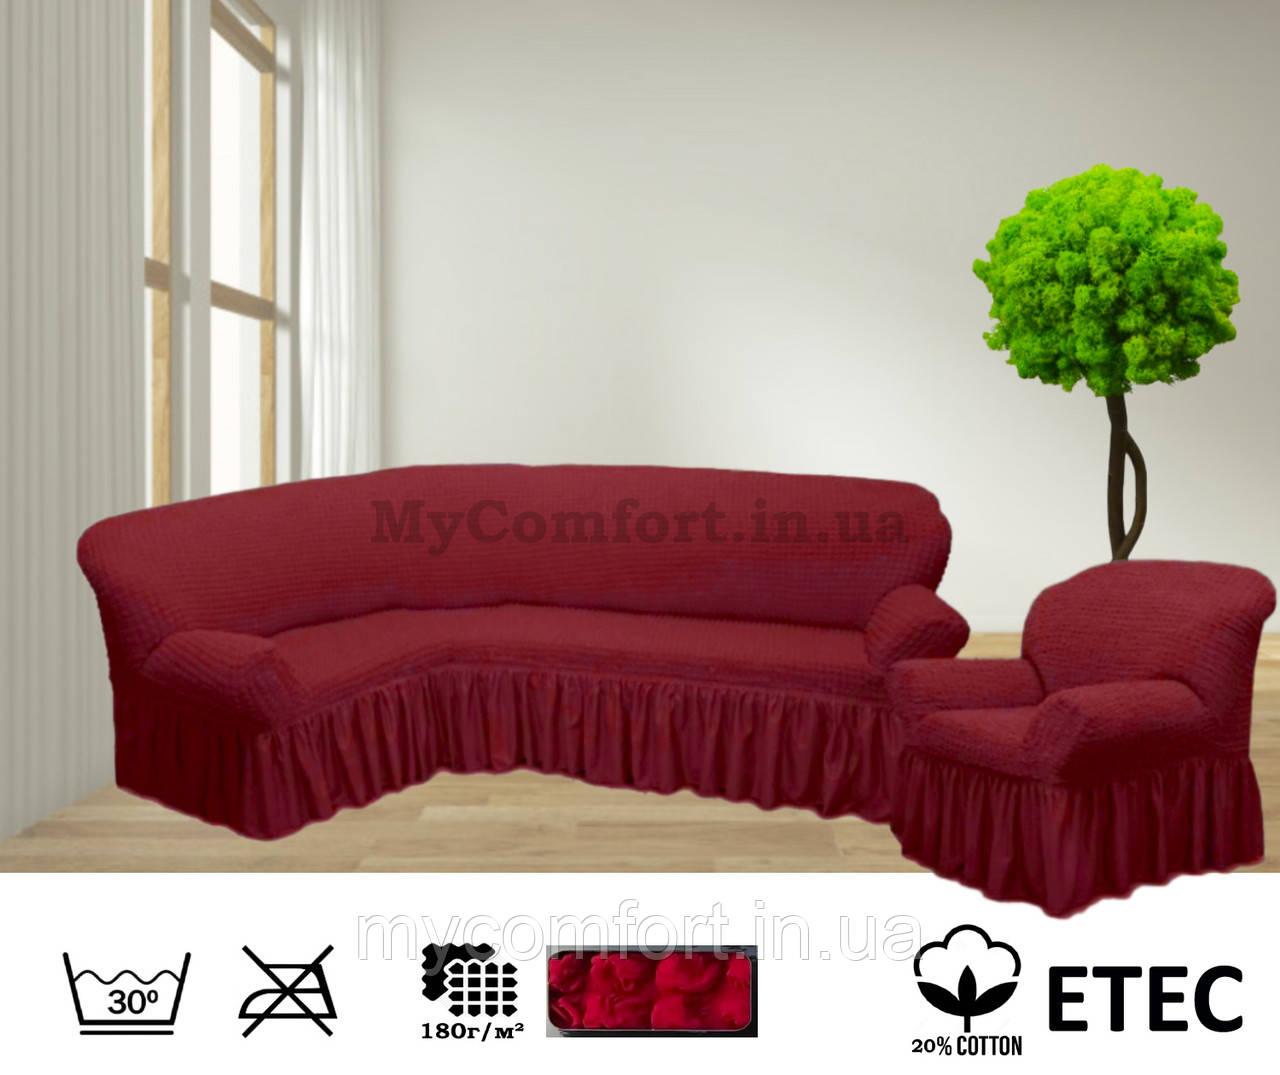 Чехол на угловой диван и кресло. Бордовый